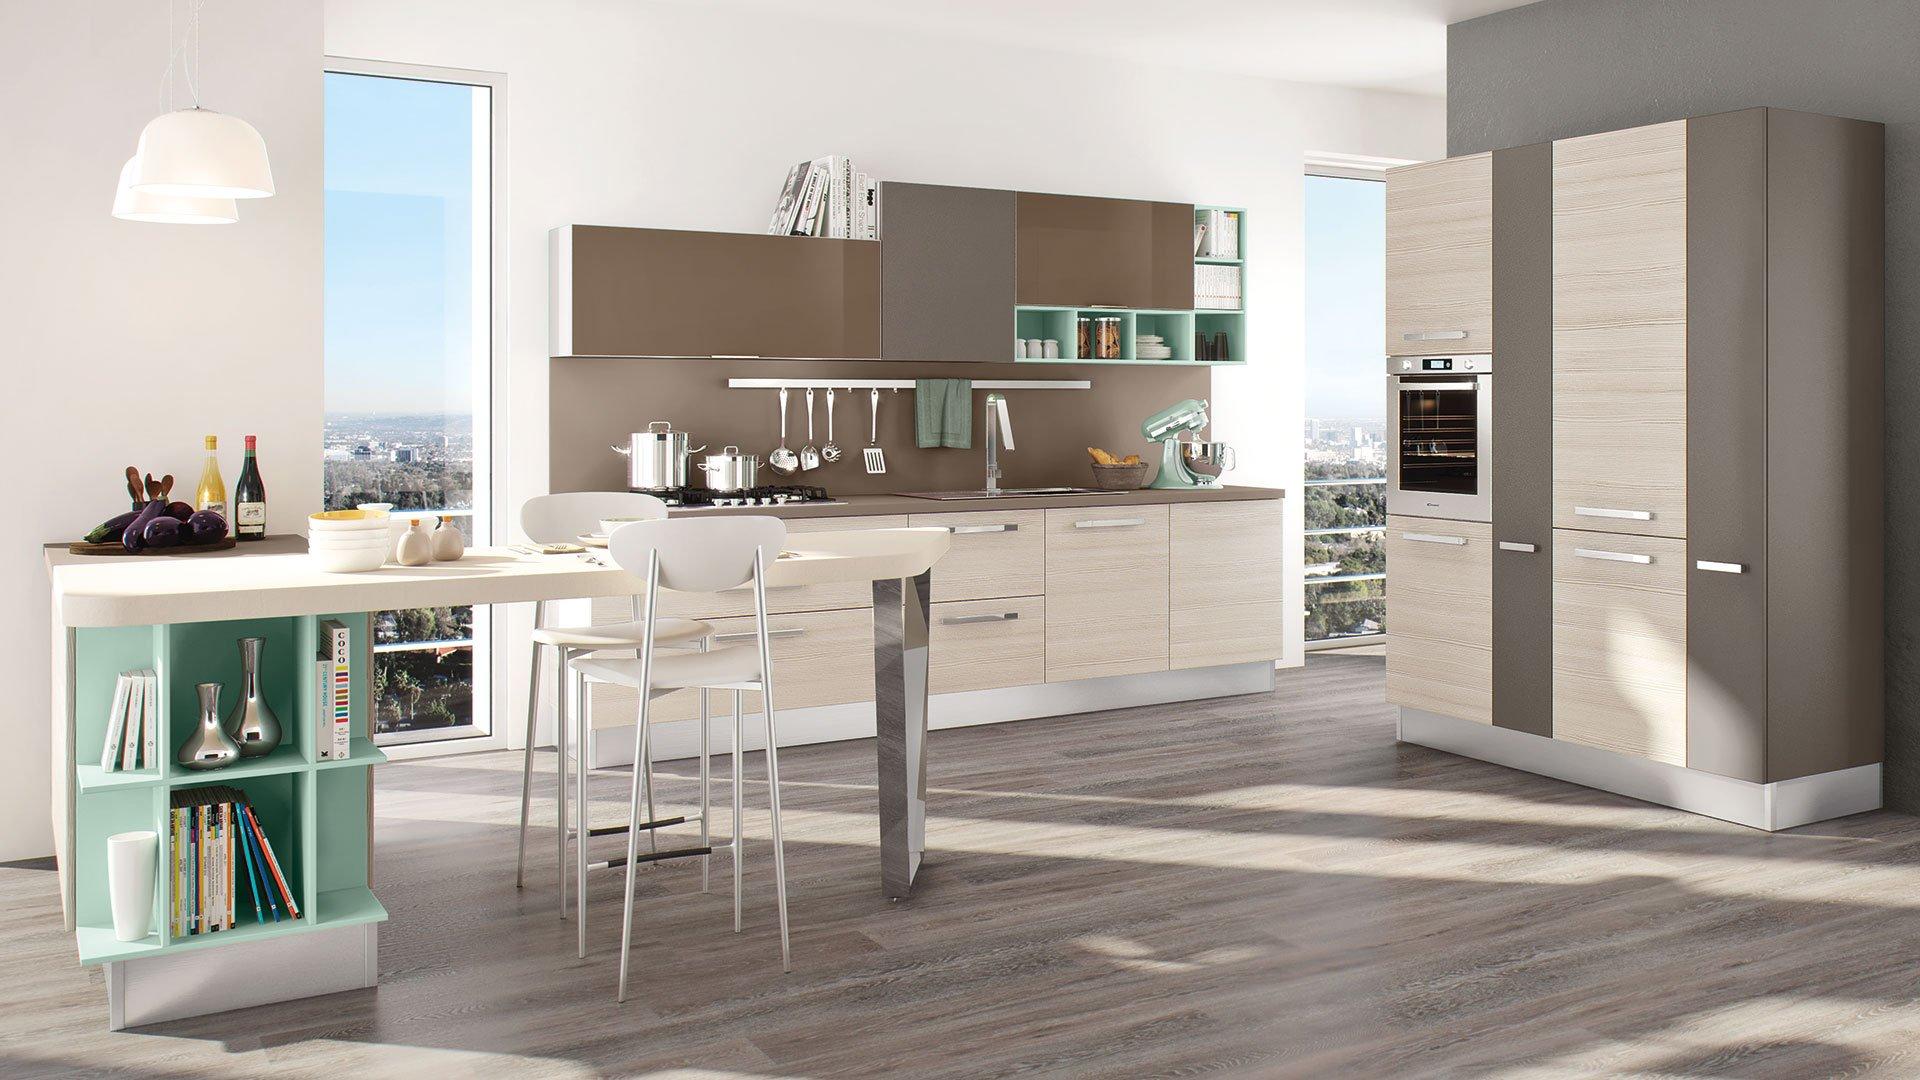 Cucine componibili francavilla marittima cs mobili for Pannelli per cucine al posto delle piastrelle